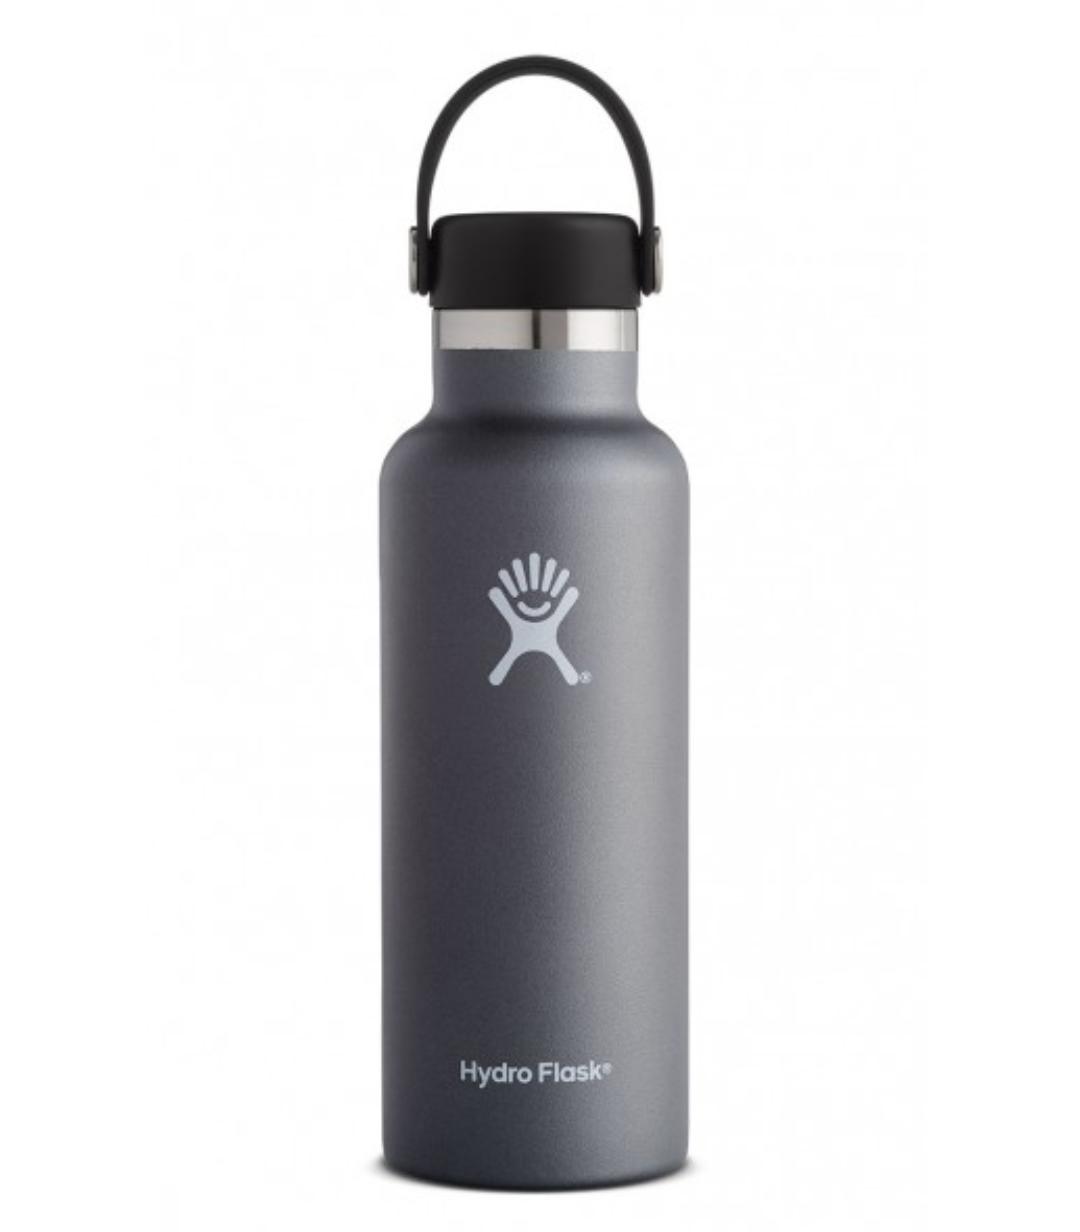 A gray hydro flask water bottle.